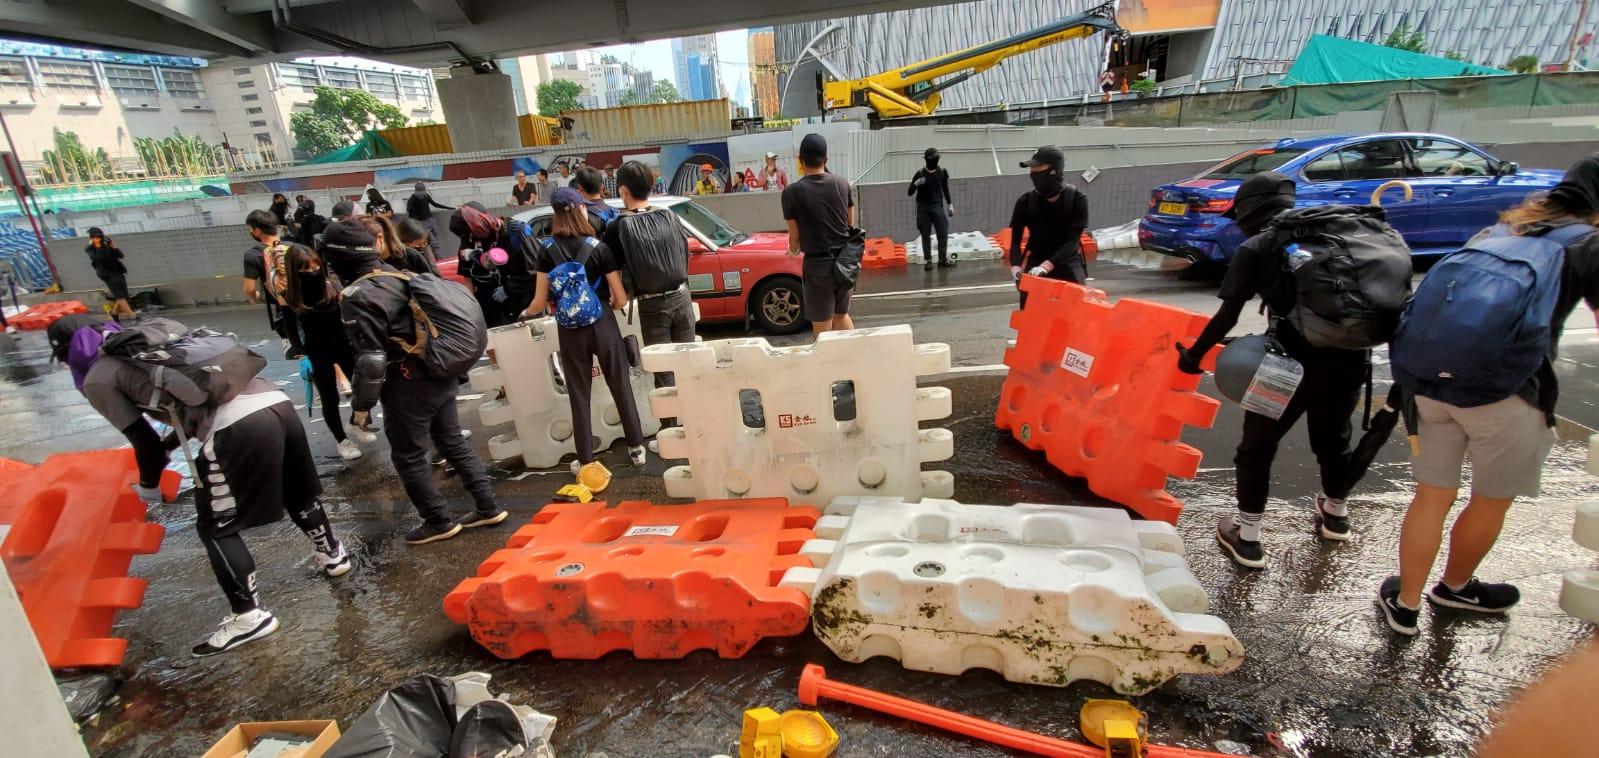 示威者沿途堵路。